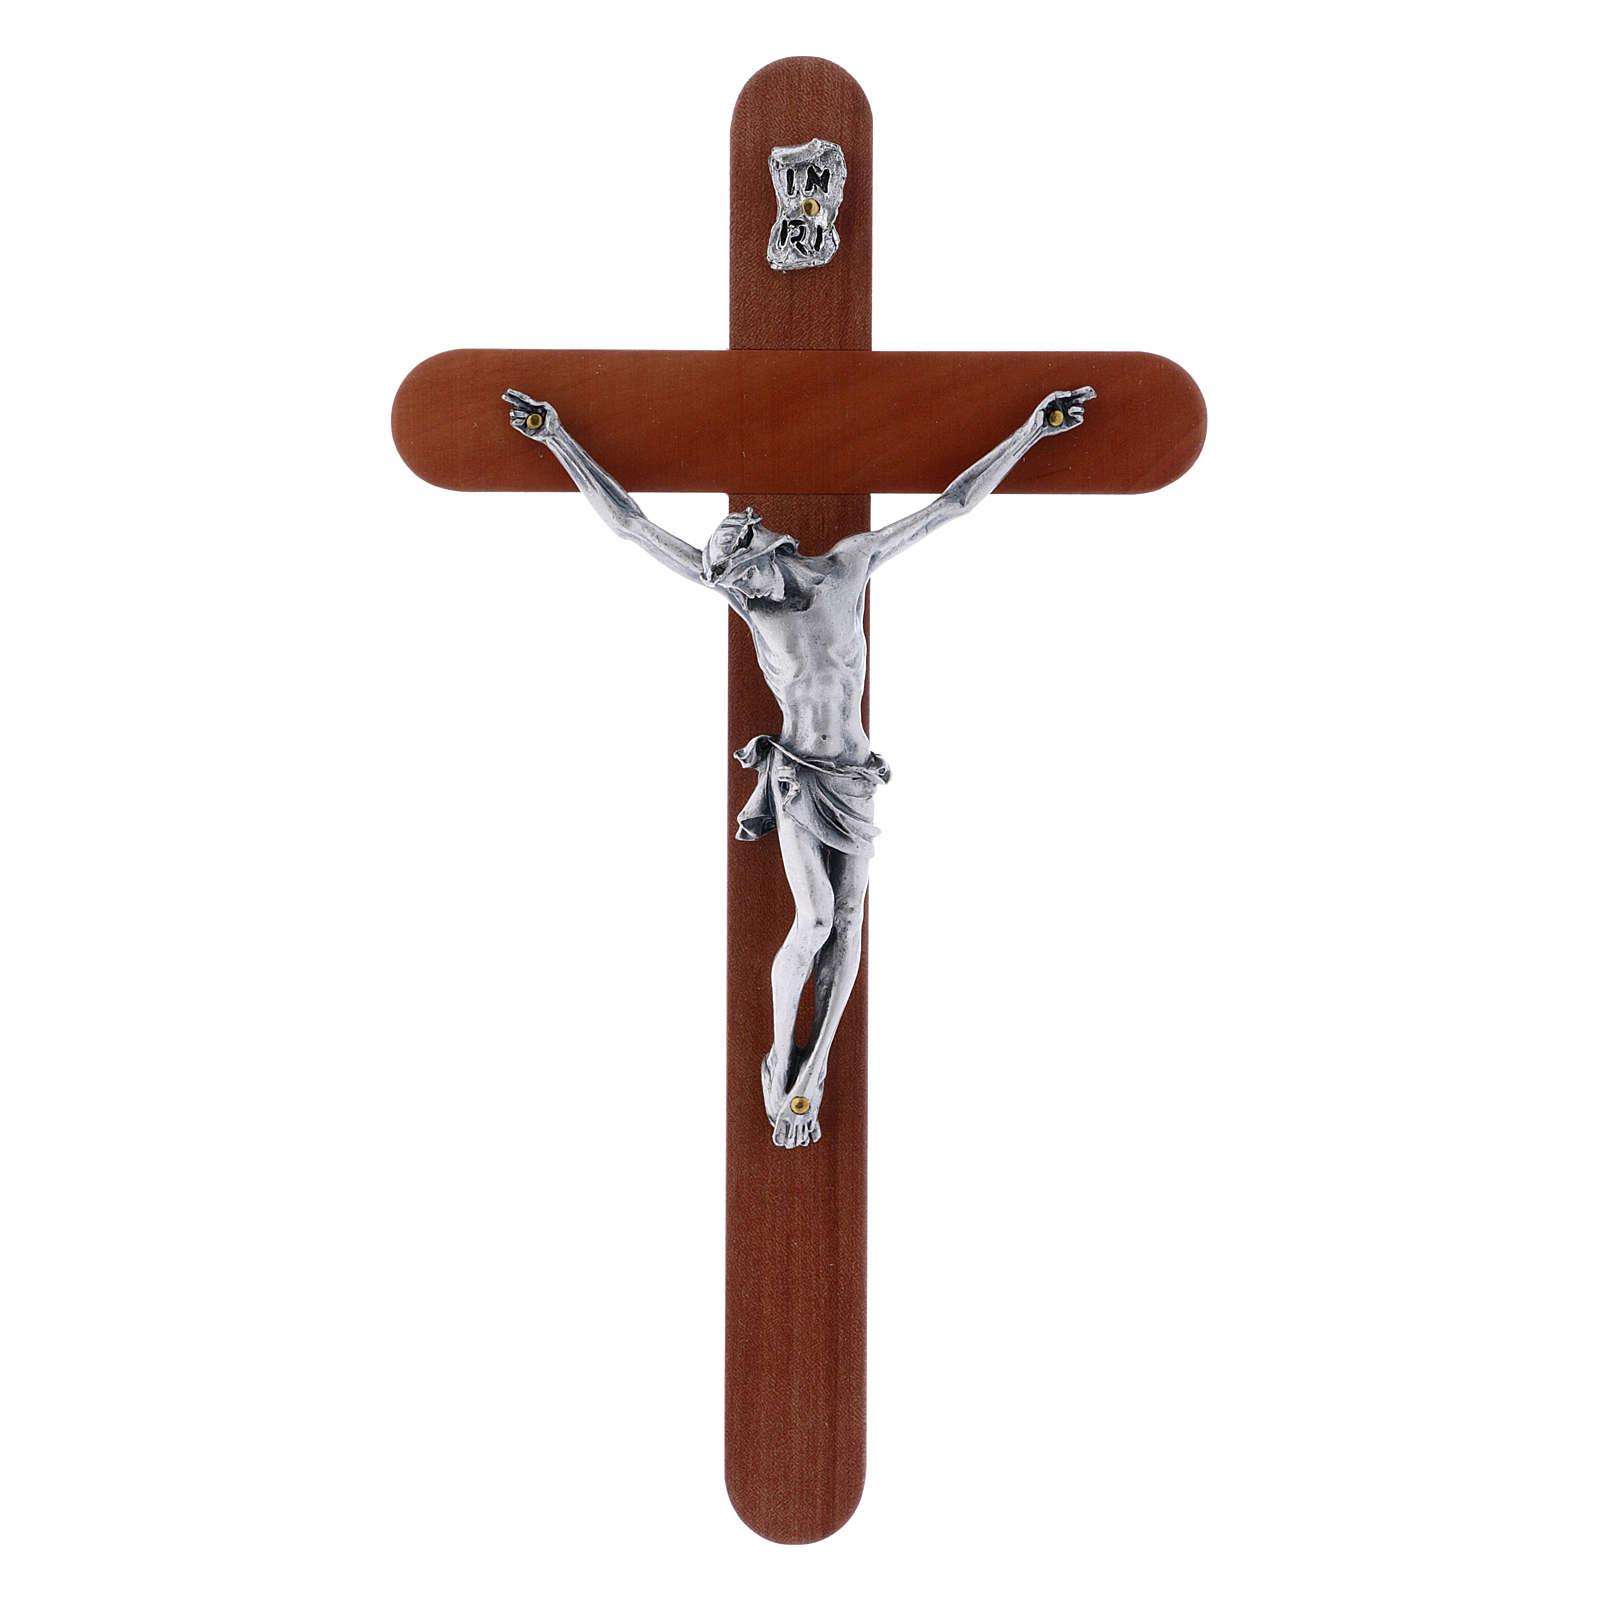 Crocifisso moderno in legno di pero arrotondato 21 cm corpo metallico 4